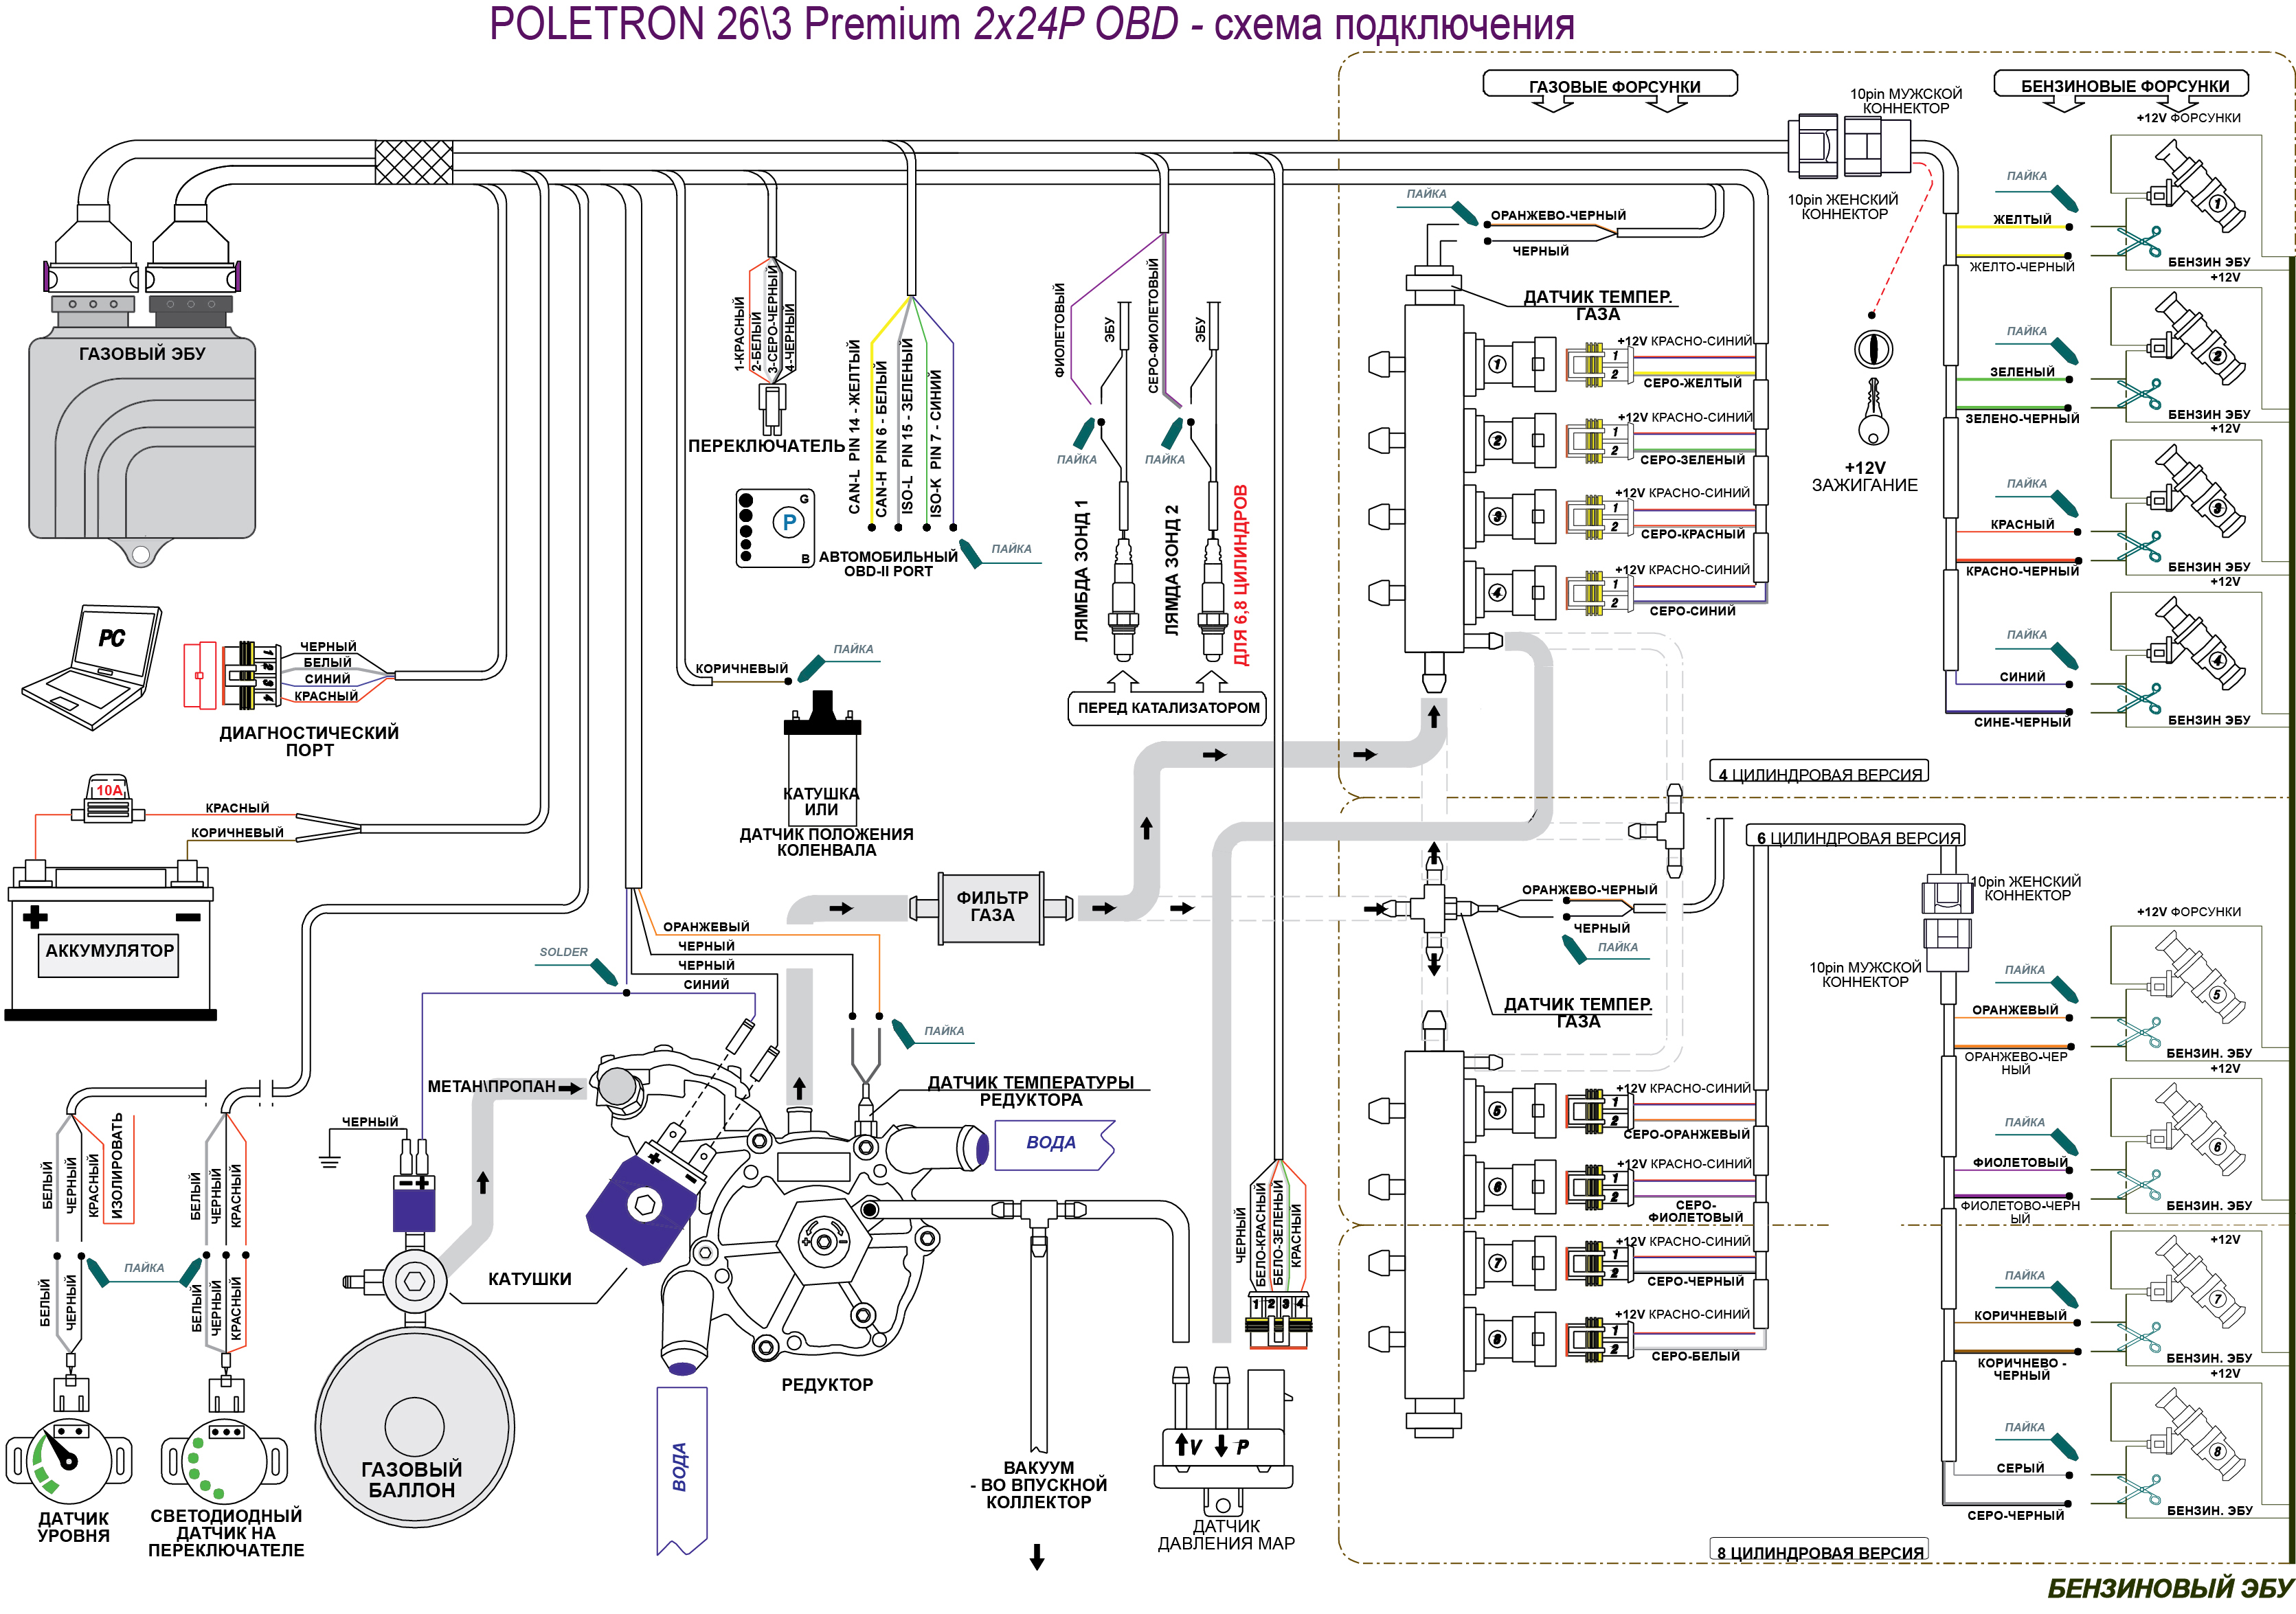 схема аппликация источники загрязнения воды